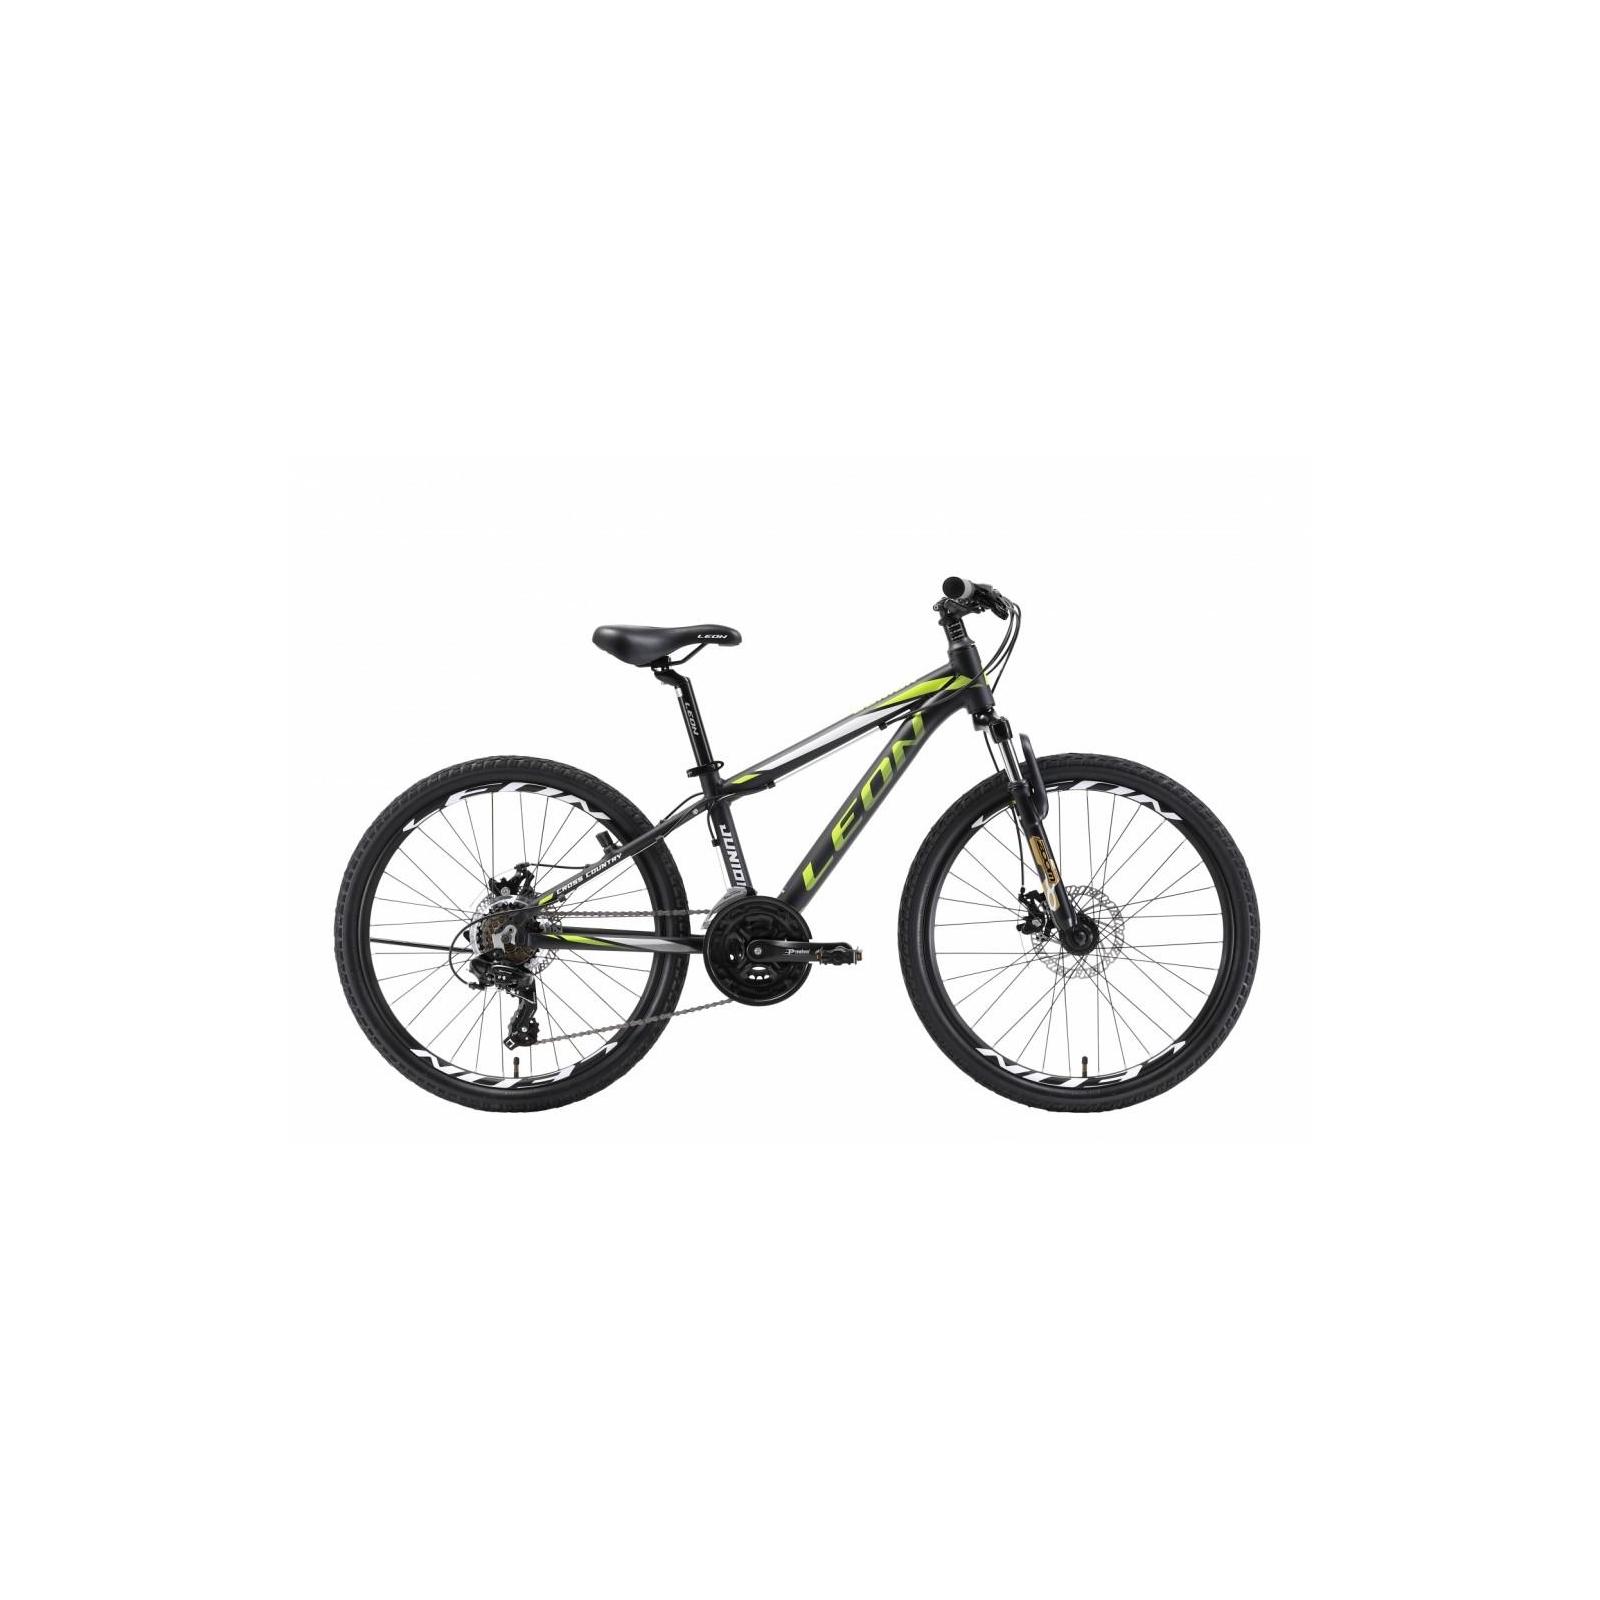 """Велосипед Leon 24"""" JUNIOR 2018 AM 14G Vbr рама-12,5"""" Al черно-салатовый (OPS-LN-24-016)"""